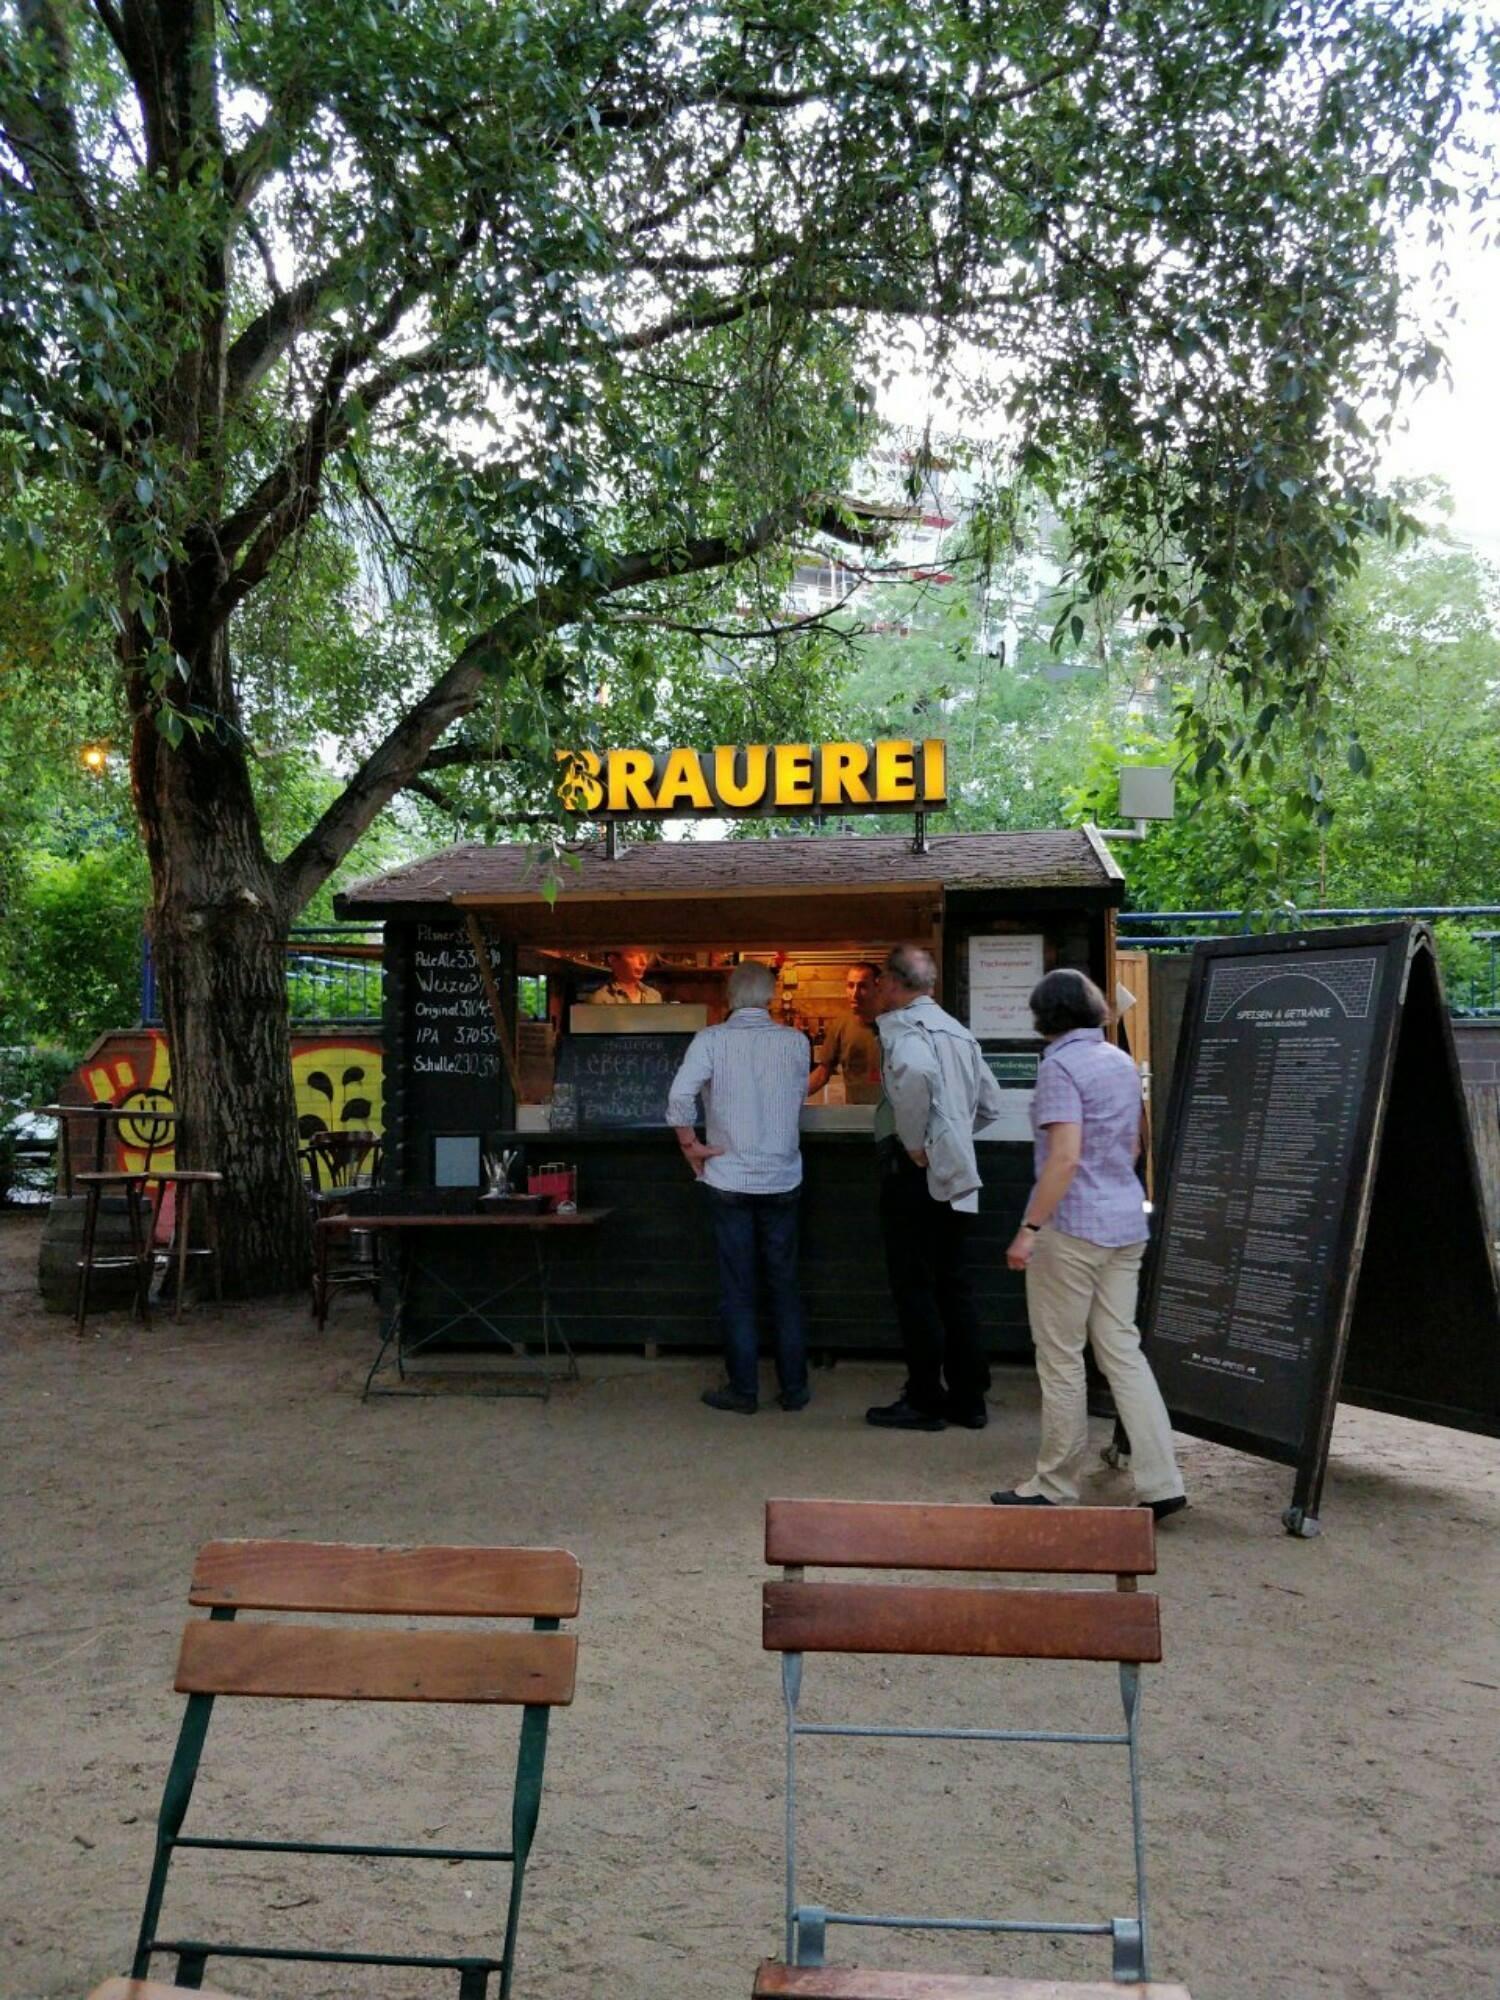 A typical German beer garden.